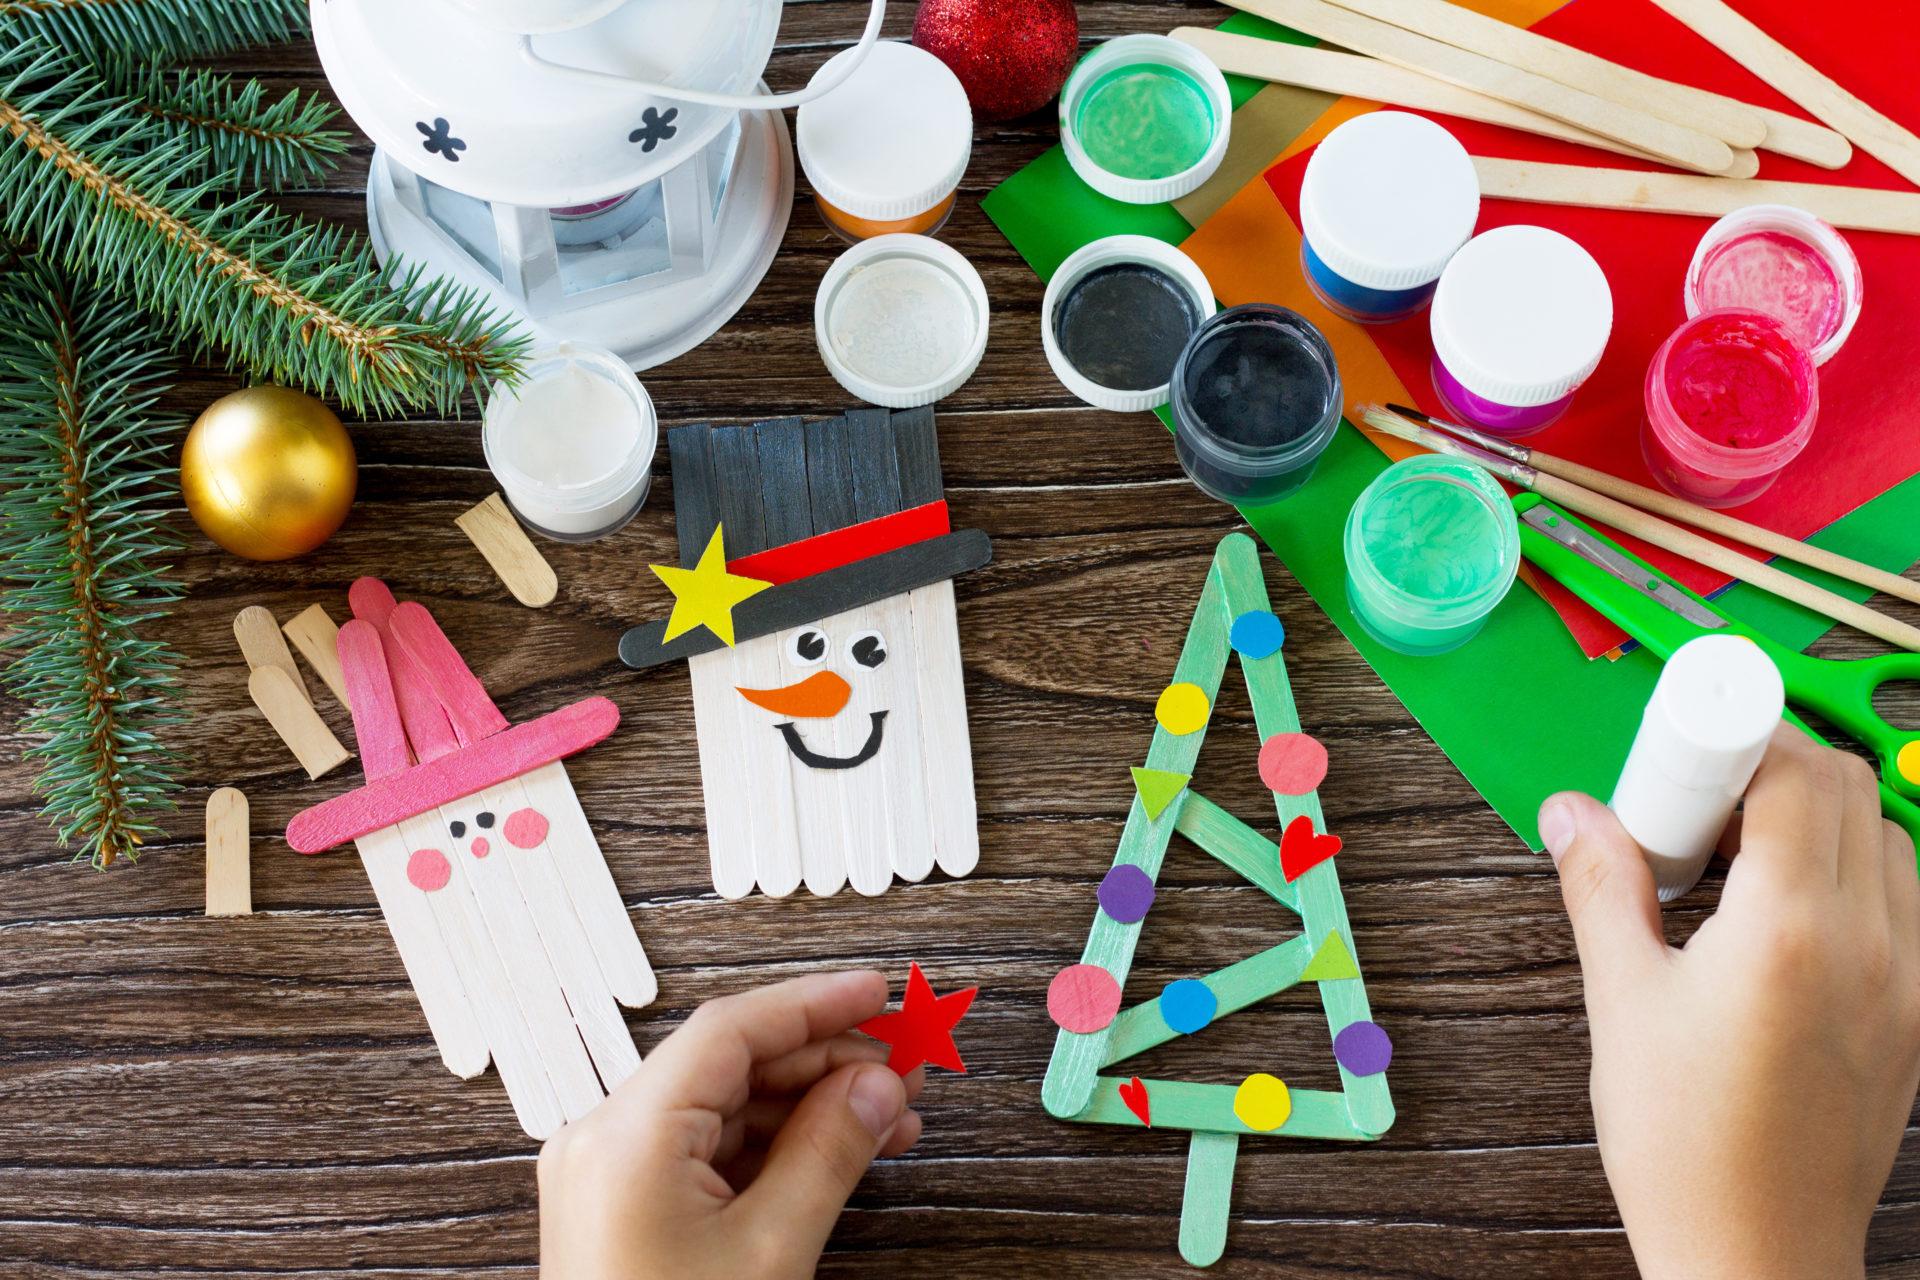 Décorer Son Sapin De Noël Avec Des Objets Fabriqués Par Les concernant Activités Manuelles Enfants Noel